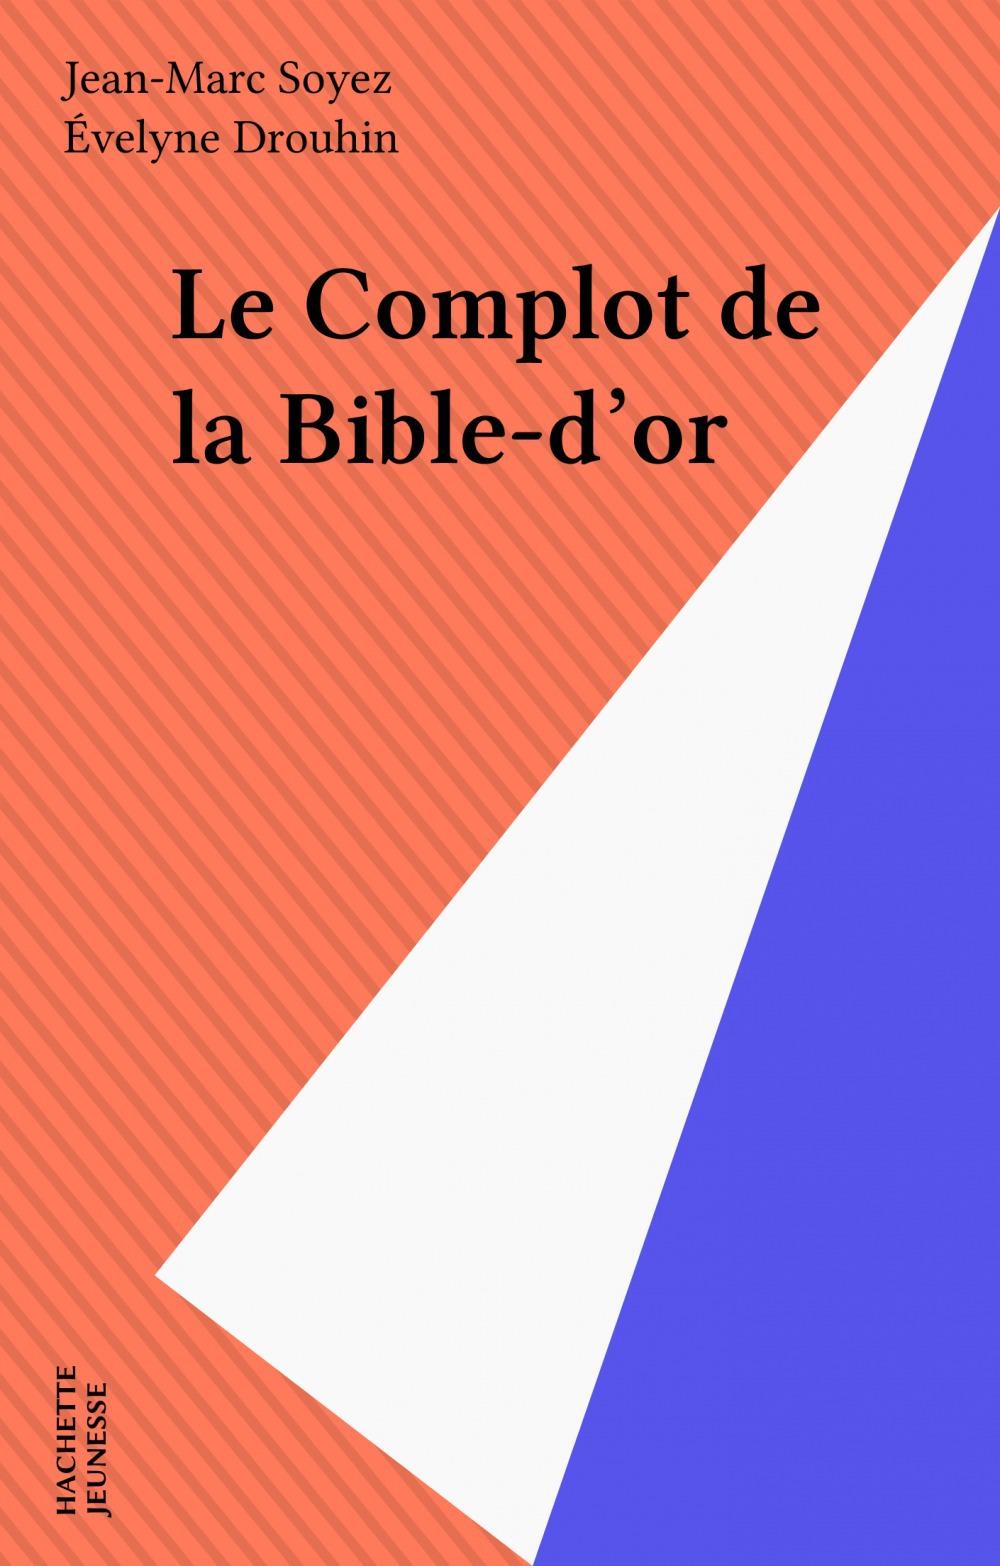 Complot de la bible-d'or